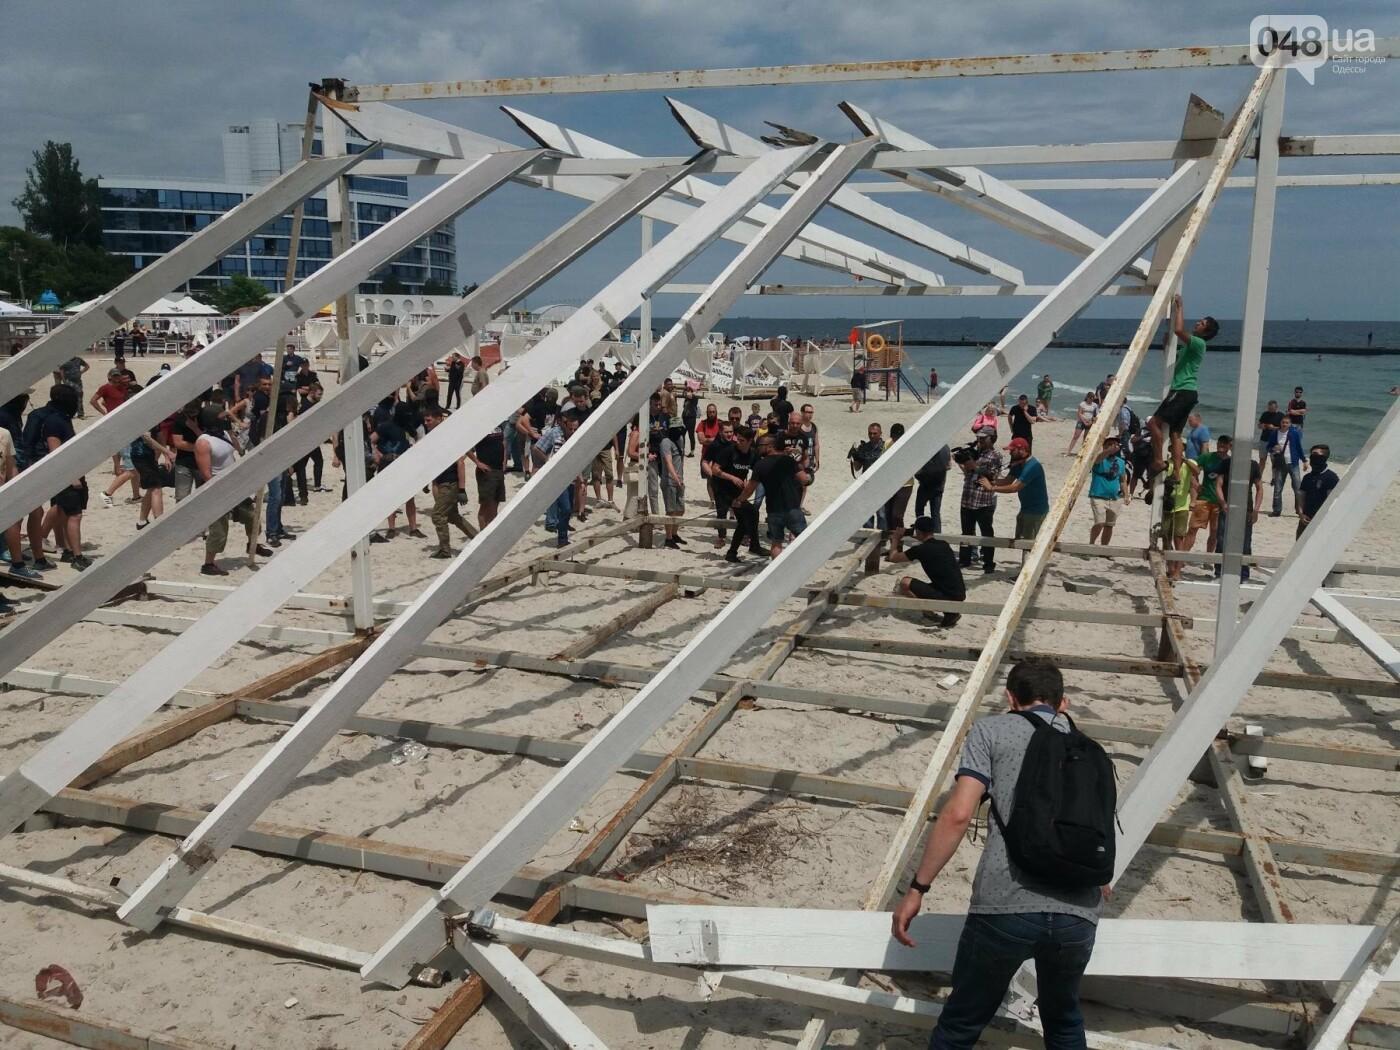 На Одесском пляже прошла акция по демонтажу незаконного сооружения, - ФОТО, ВИДЕО, фото-16